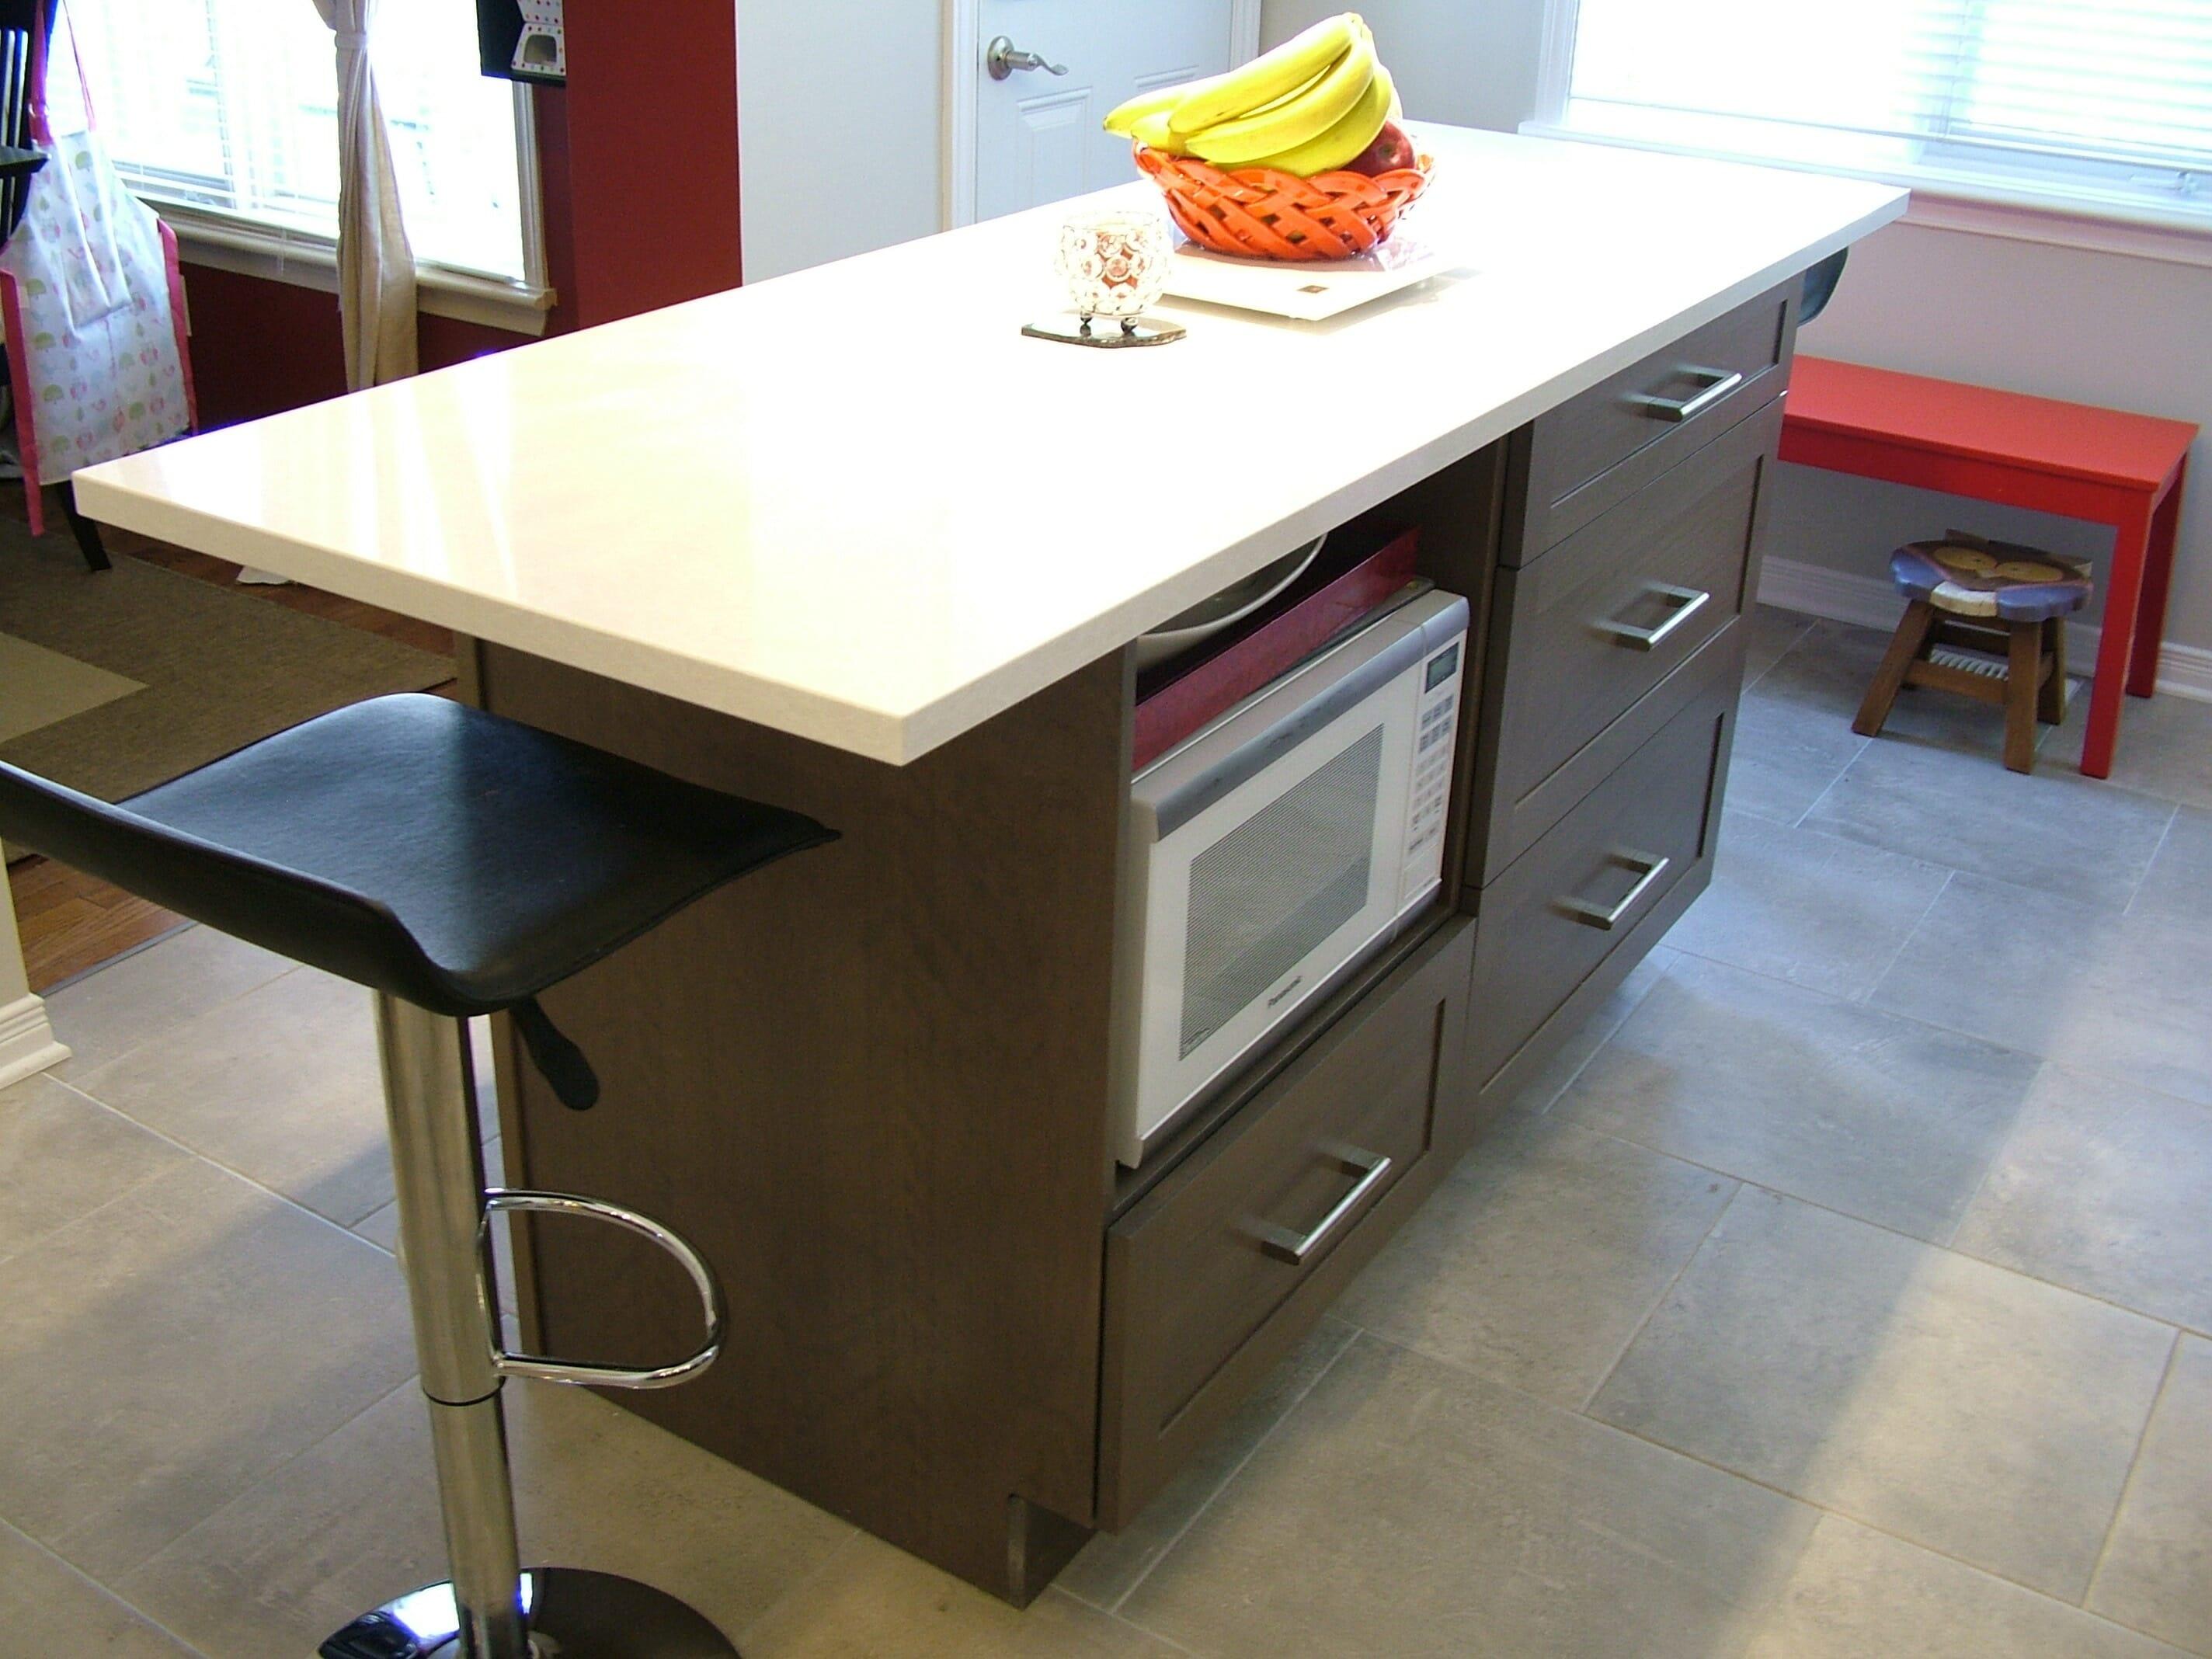 tkg-kitchen-8